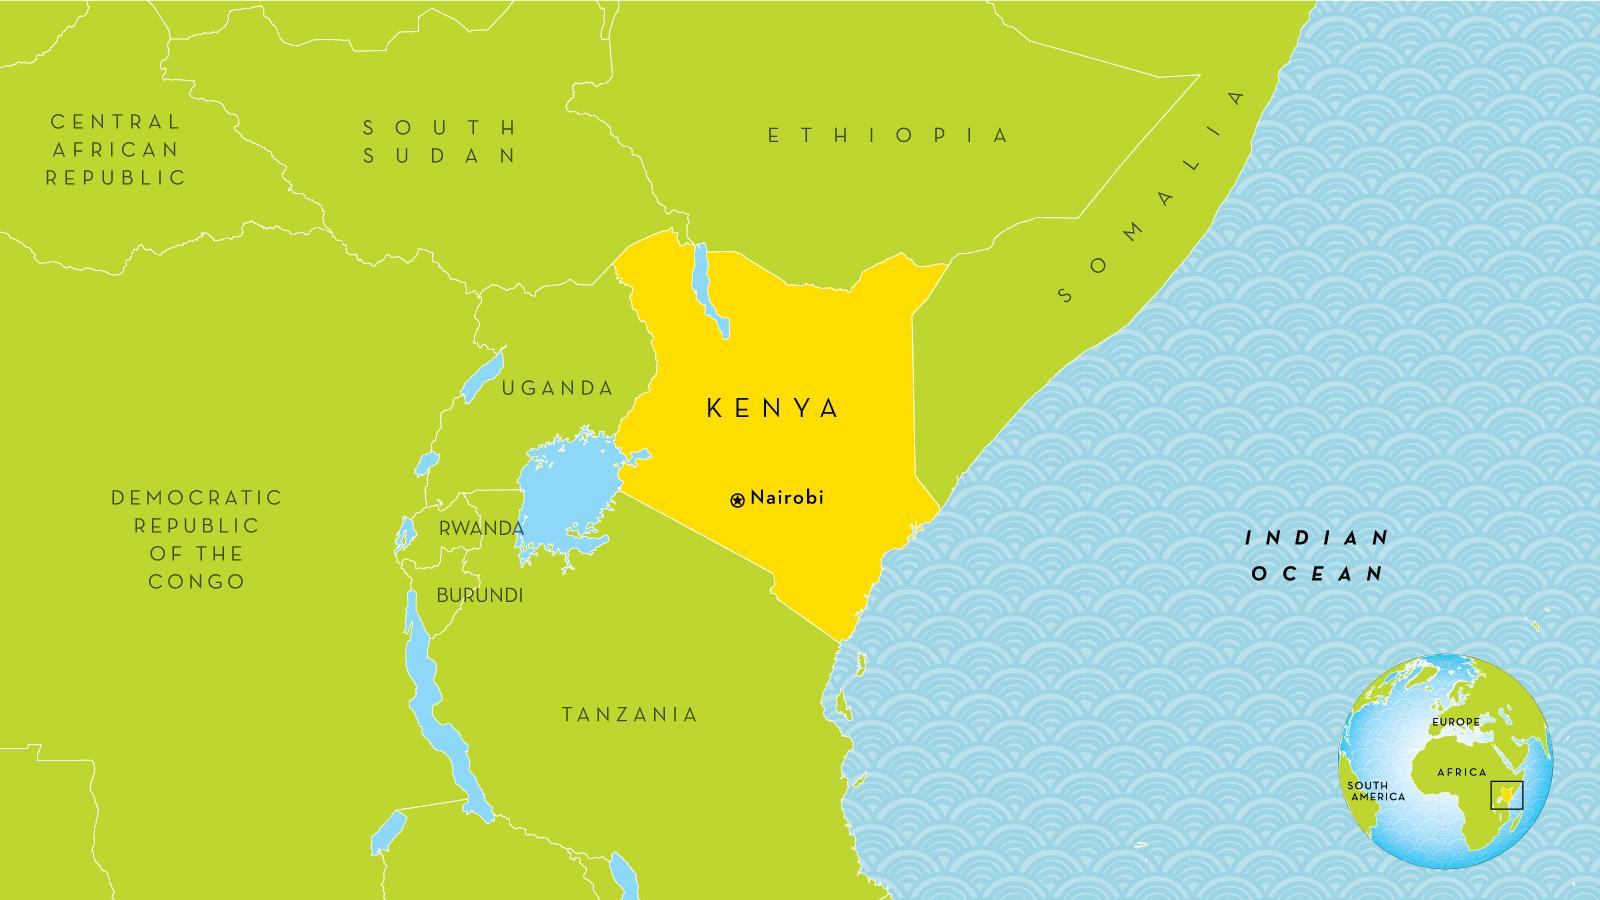 Kenya Nabolandene Kort Kort Over Kenya Og De Omkringliggende